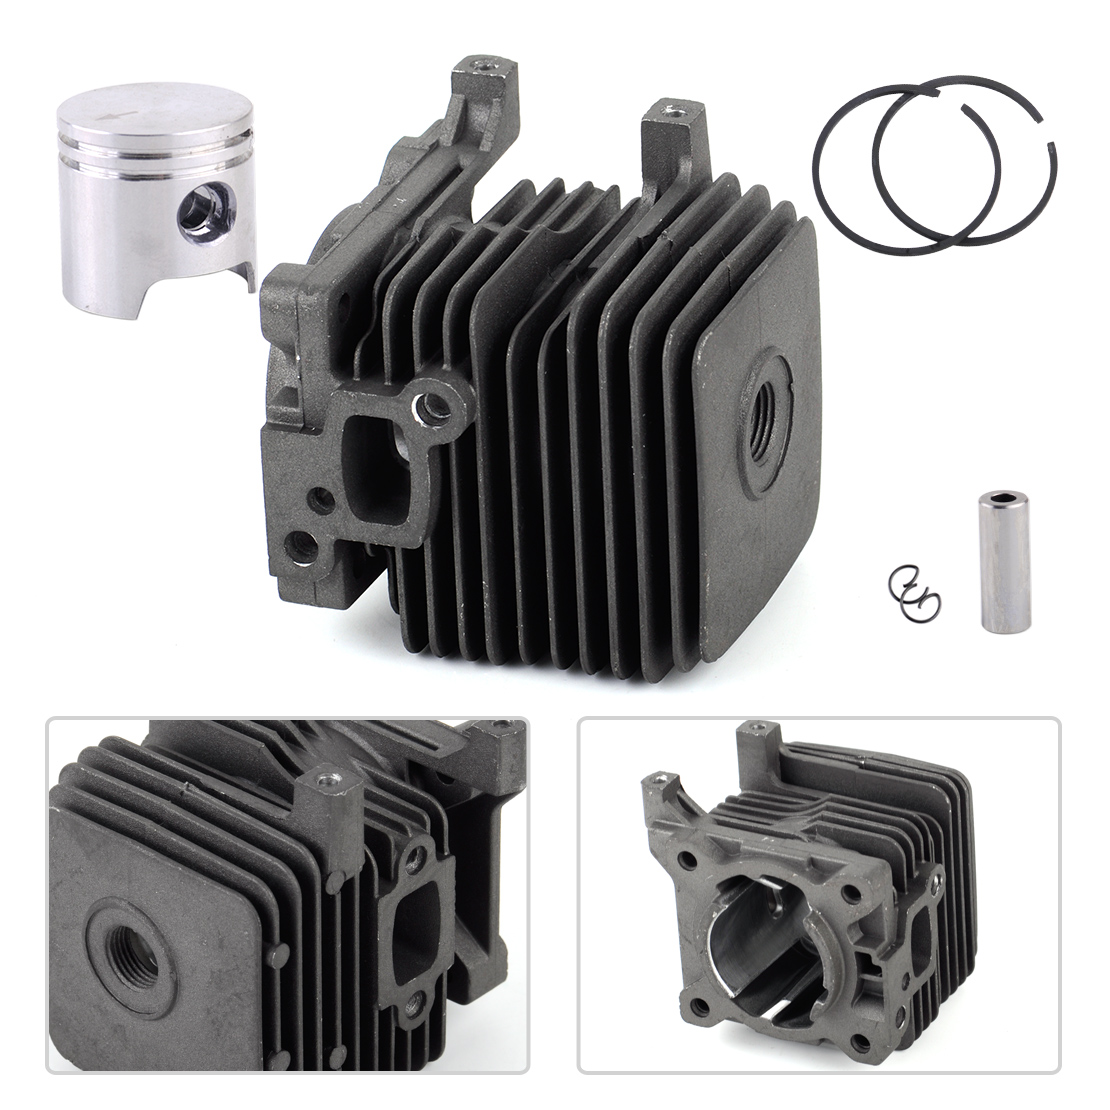 Trimmer Cylinder Piston Kit Fit STIHL FS55 BR45 KM55 HL45 HS45  4140 020 1202